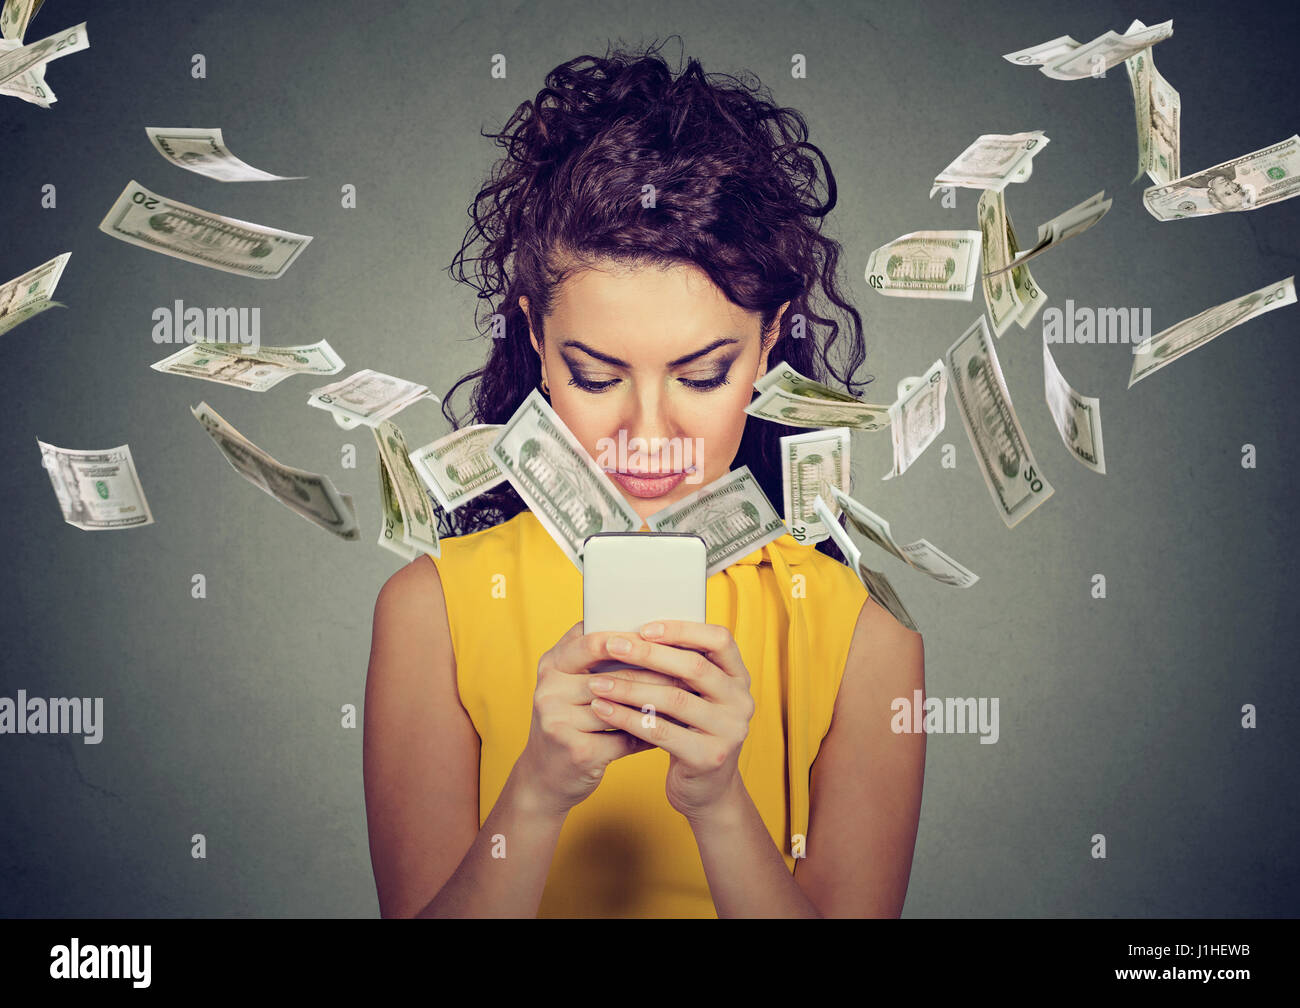 La banca en línea de transferencia de dinero, concepto de e-commerce. Feliz joven mediante smartphone con billetes Imagen De Stock